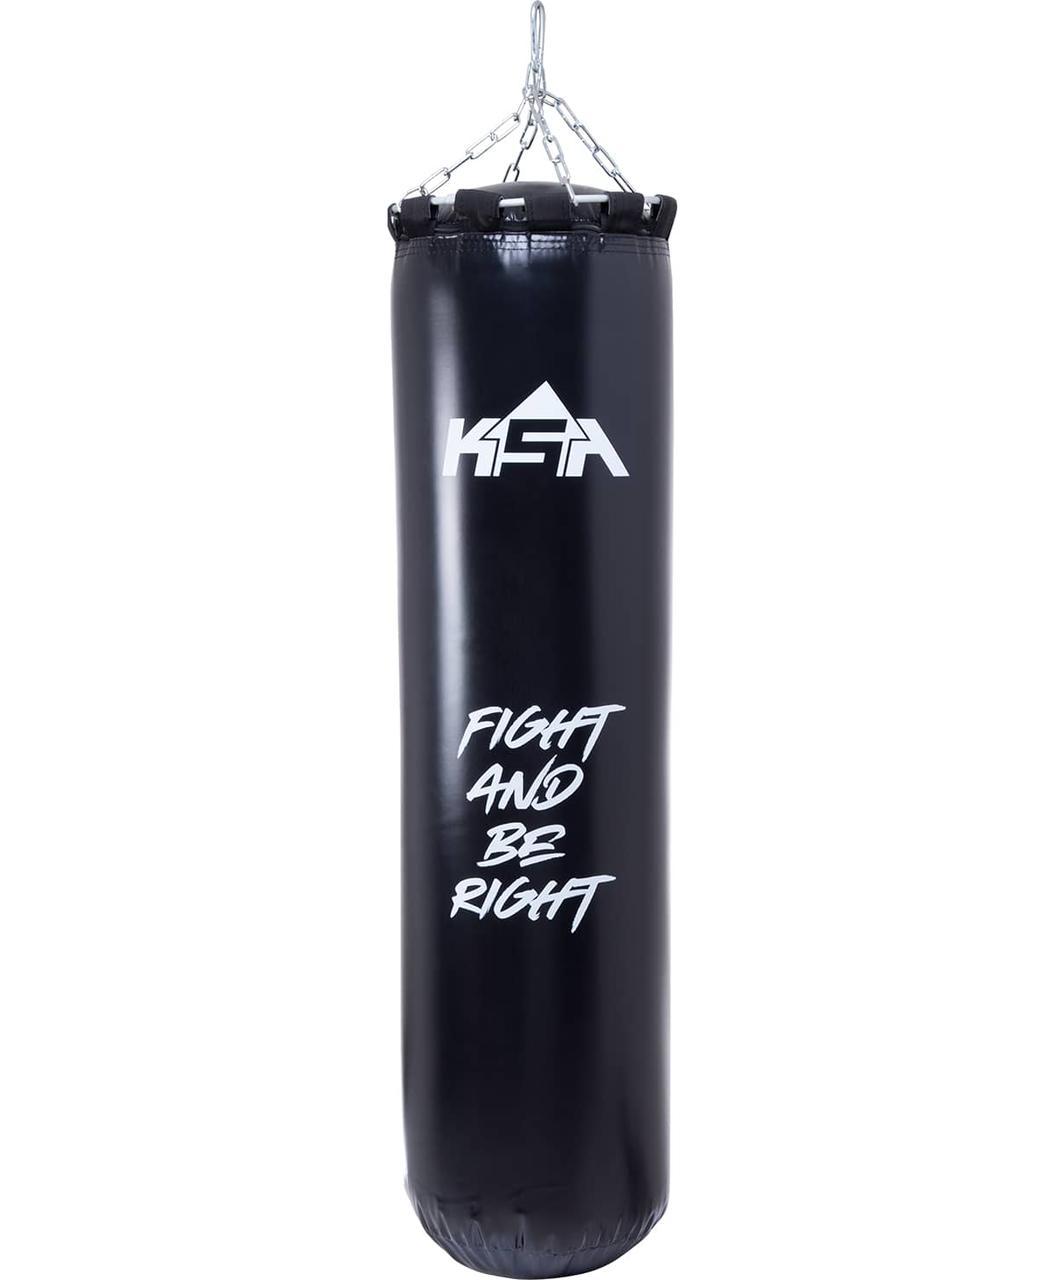 Мешок боксерский PB-02, 75 см, 15 кг, ПВХ, черный KSA